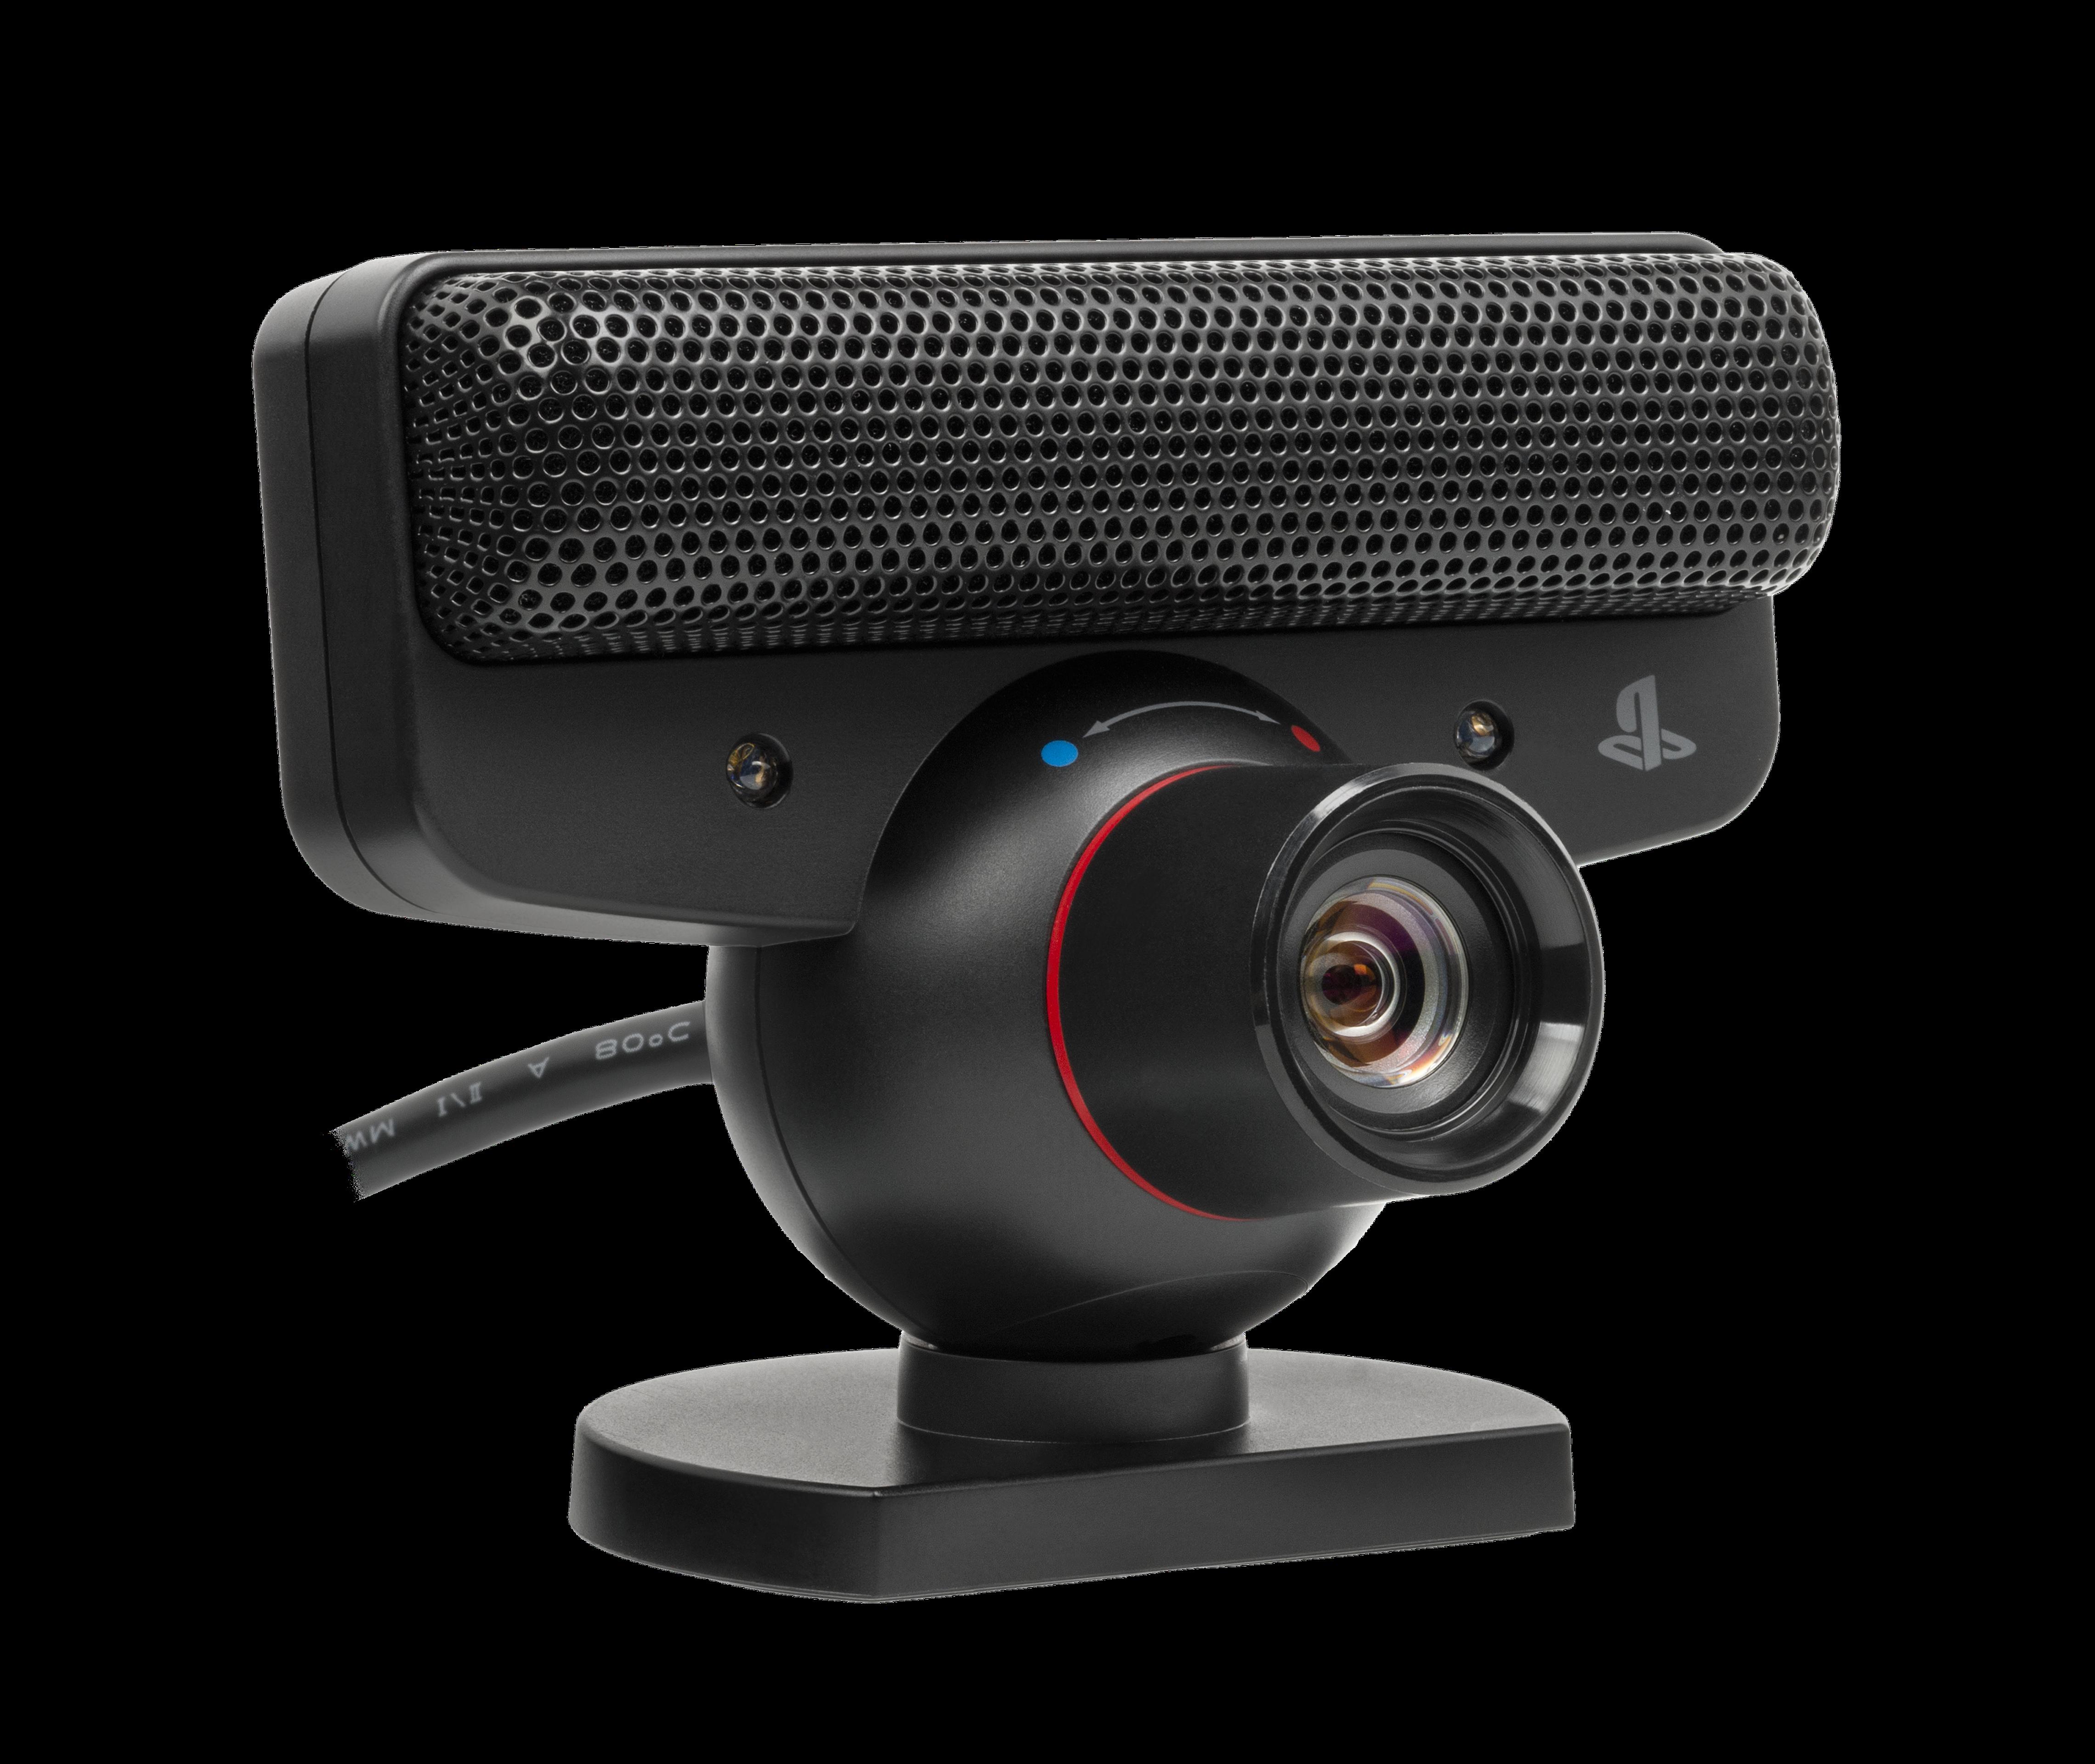 ps3 eye kamera gebraucht kaufen